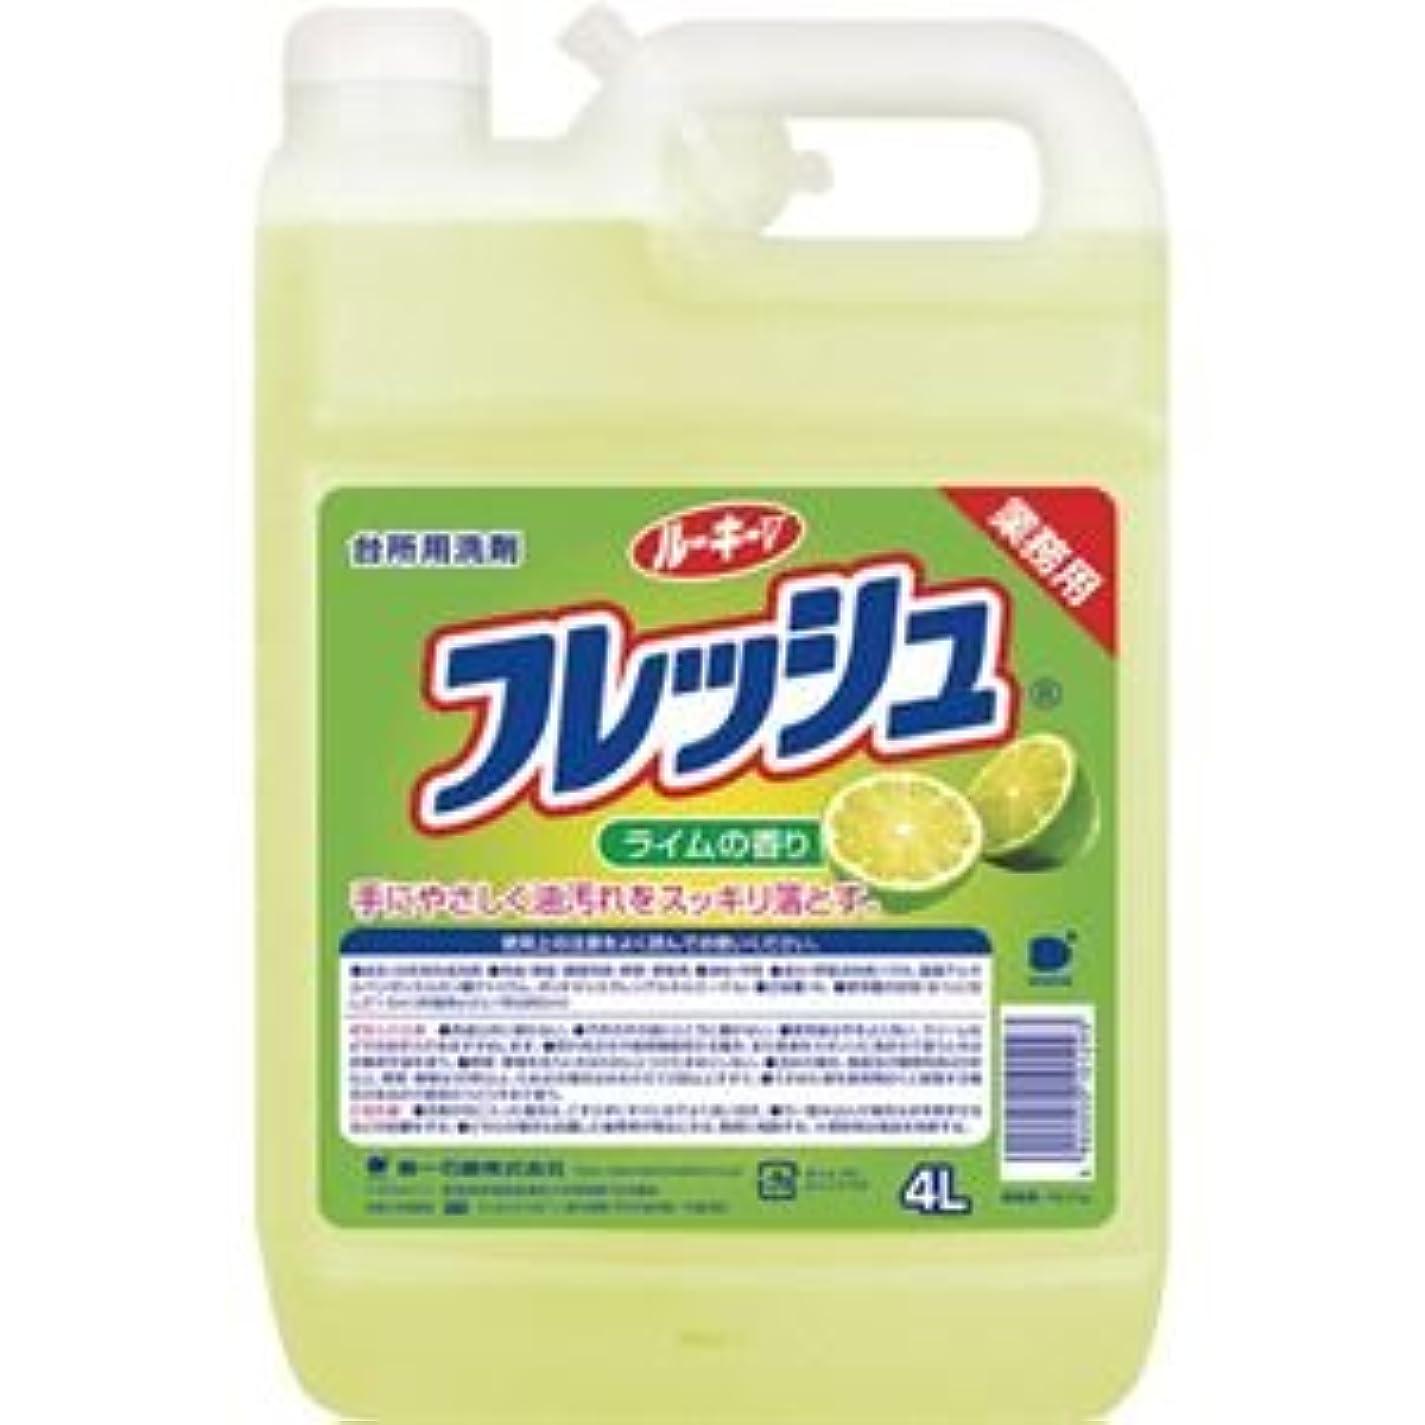 重量微弱彼女(まとめ) 第一石鹸 ルーキーVフレッシュ 業務用 4L 1本 【×5セット】